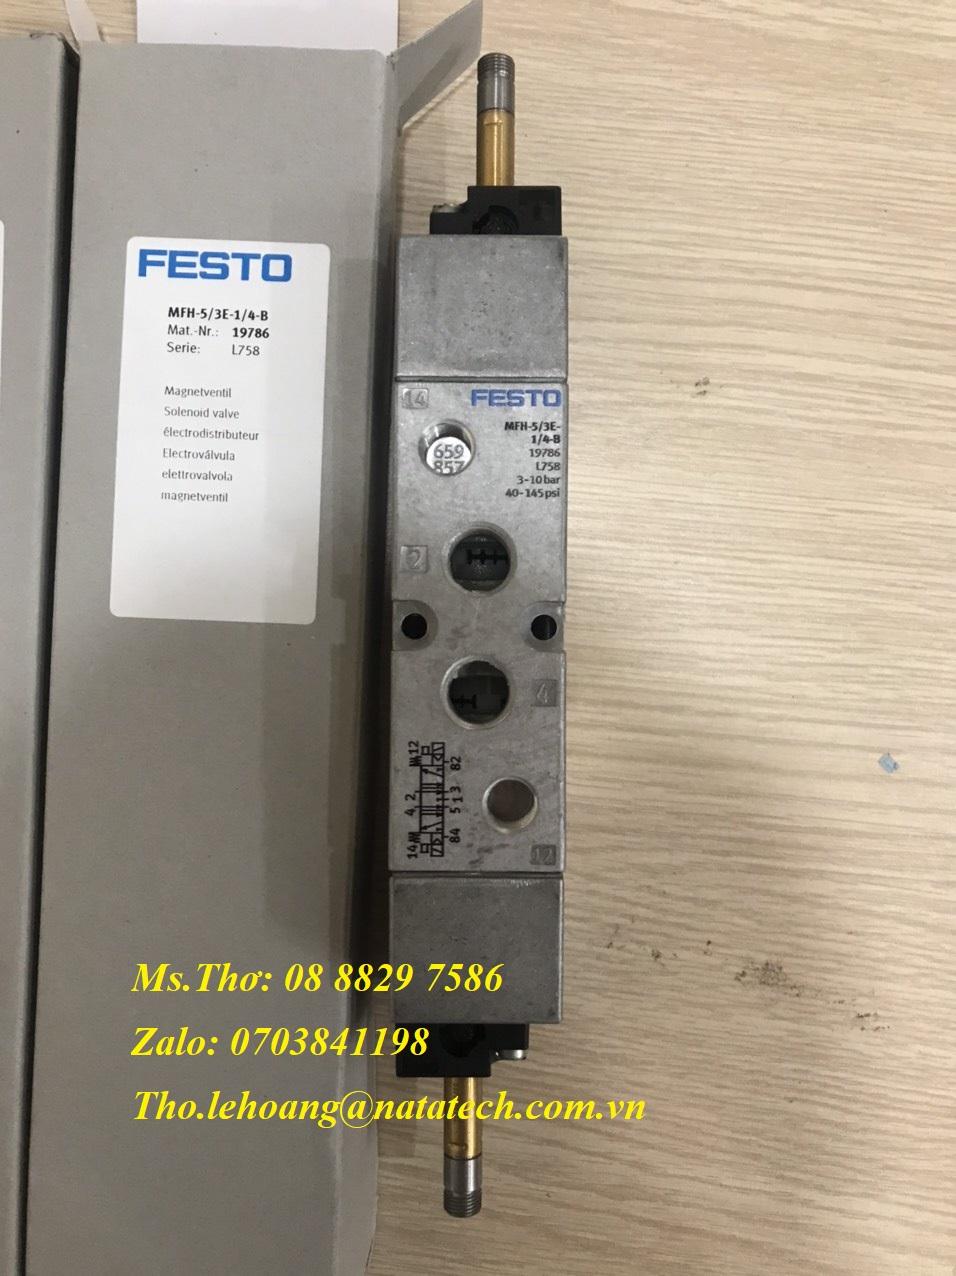 1 Van điện từ Festo MFH-5/3E-1/4-B - 19786 - CTy TNHH Natatech